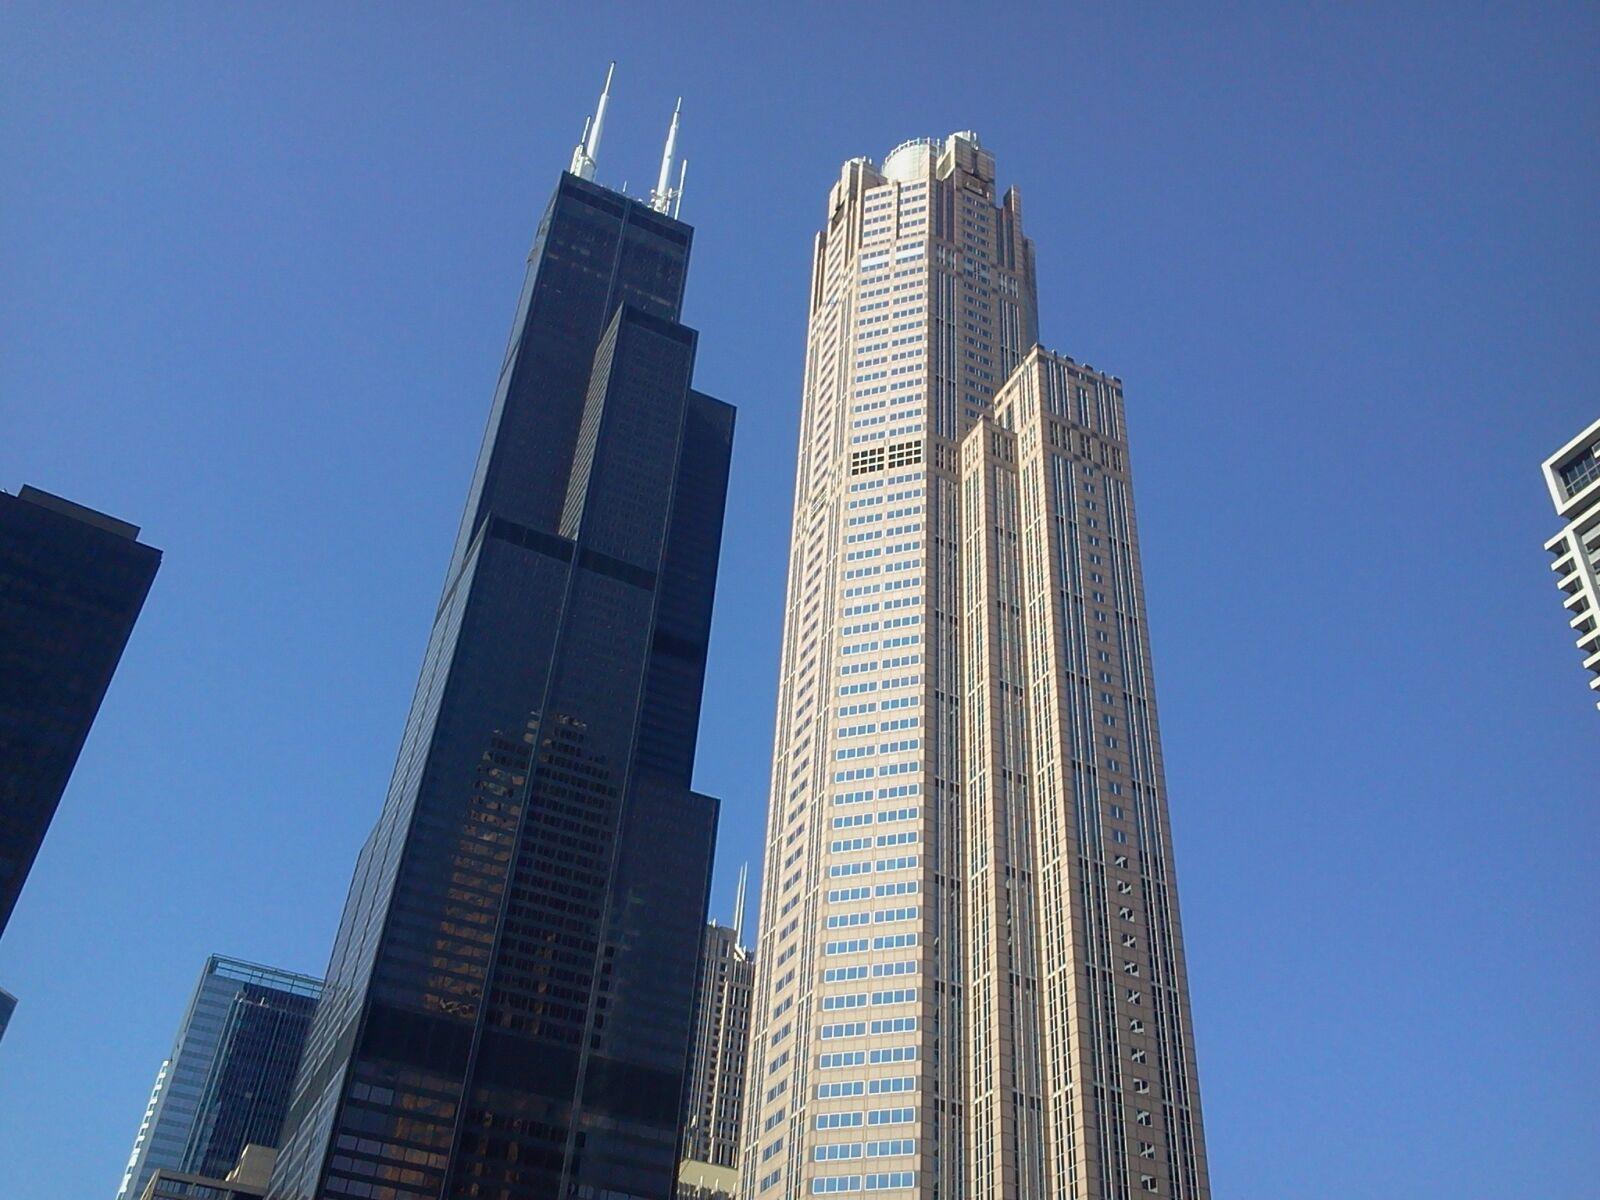 chicago, skyscraper, buildings